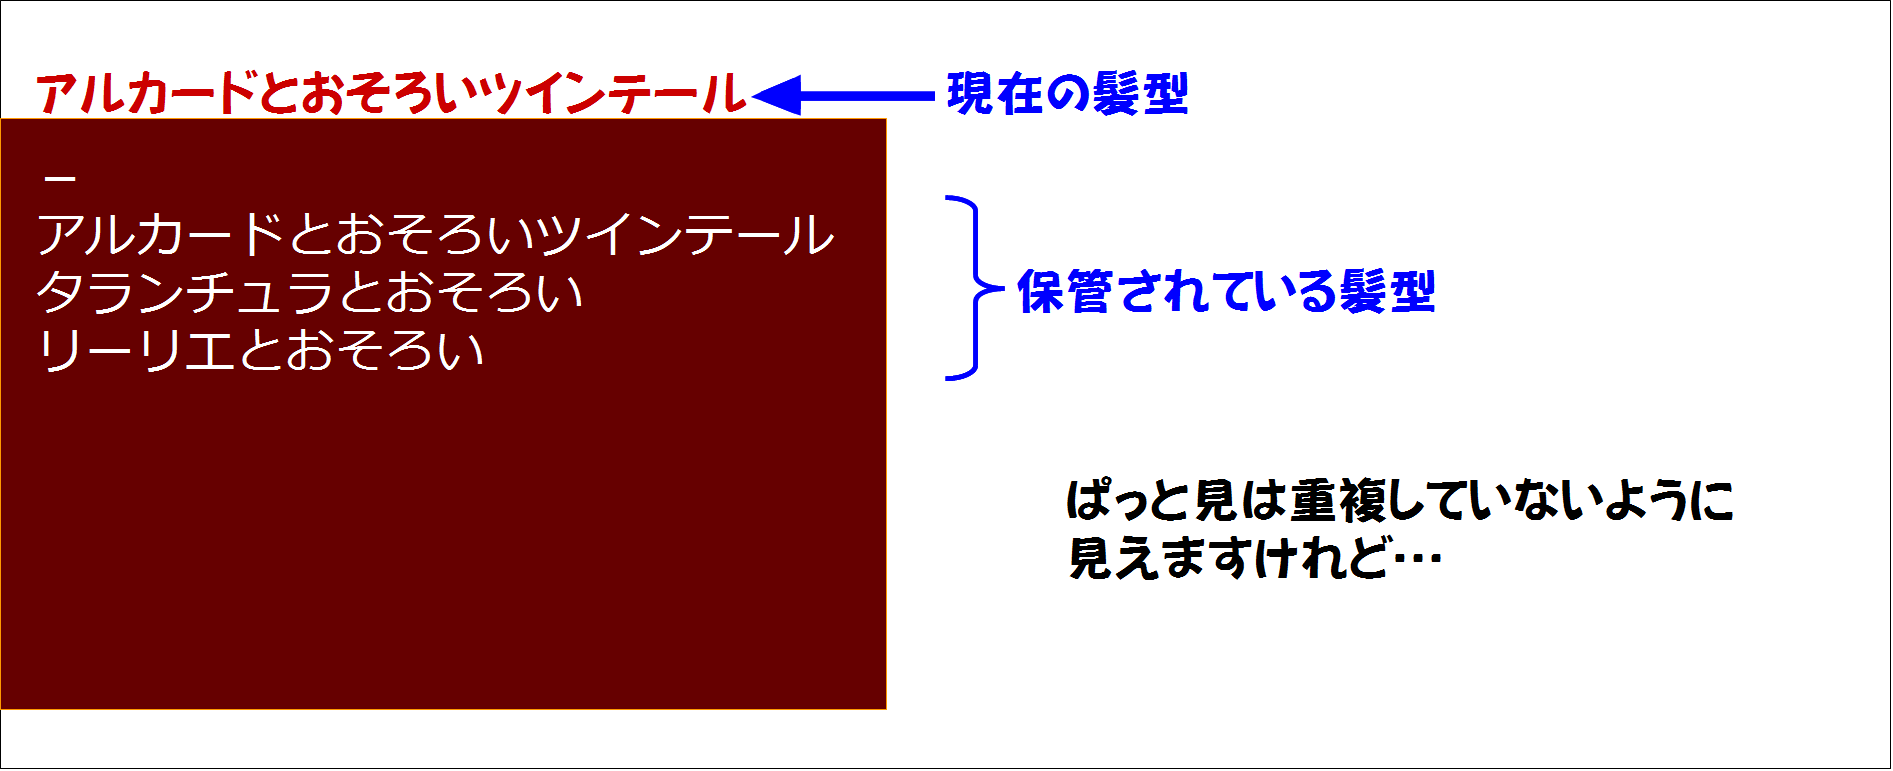 重複解消シンプル版1